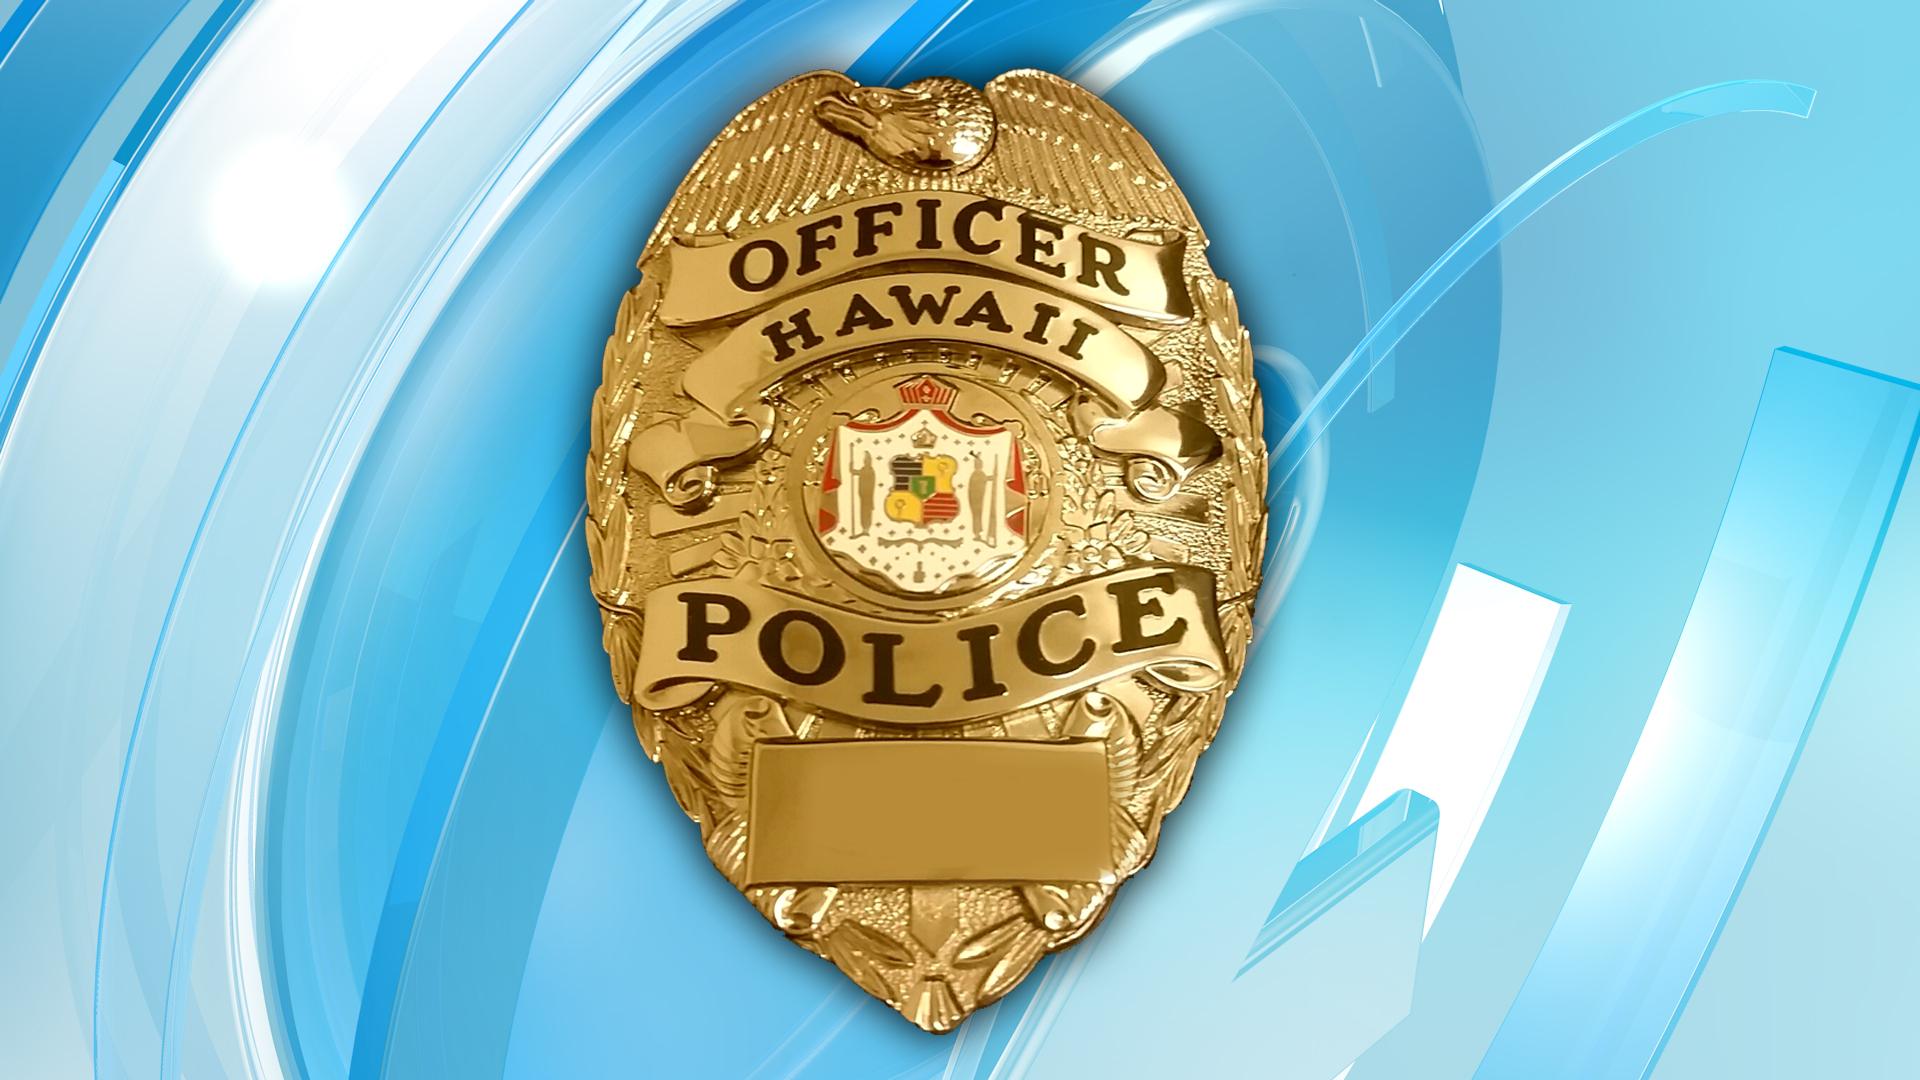 Hawaii Island Police Department Big Island County badge logo